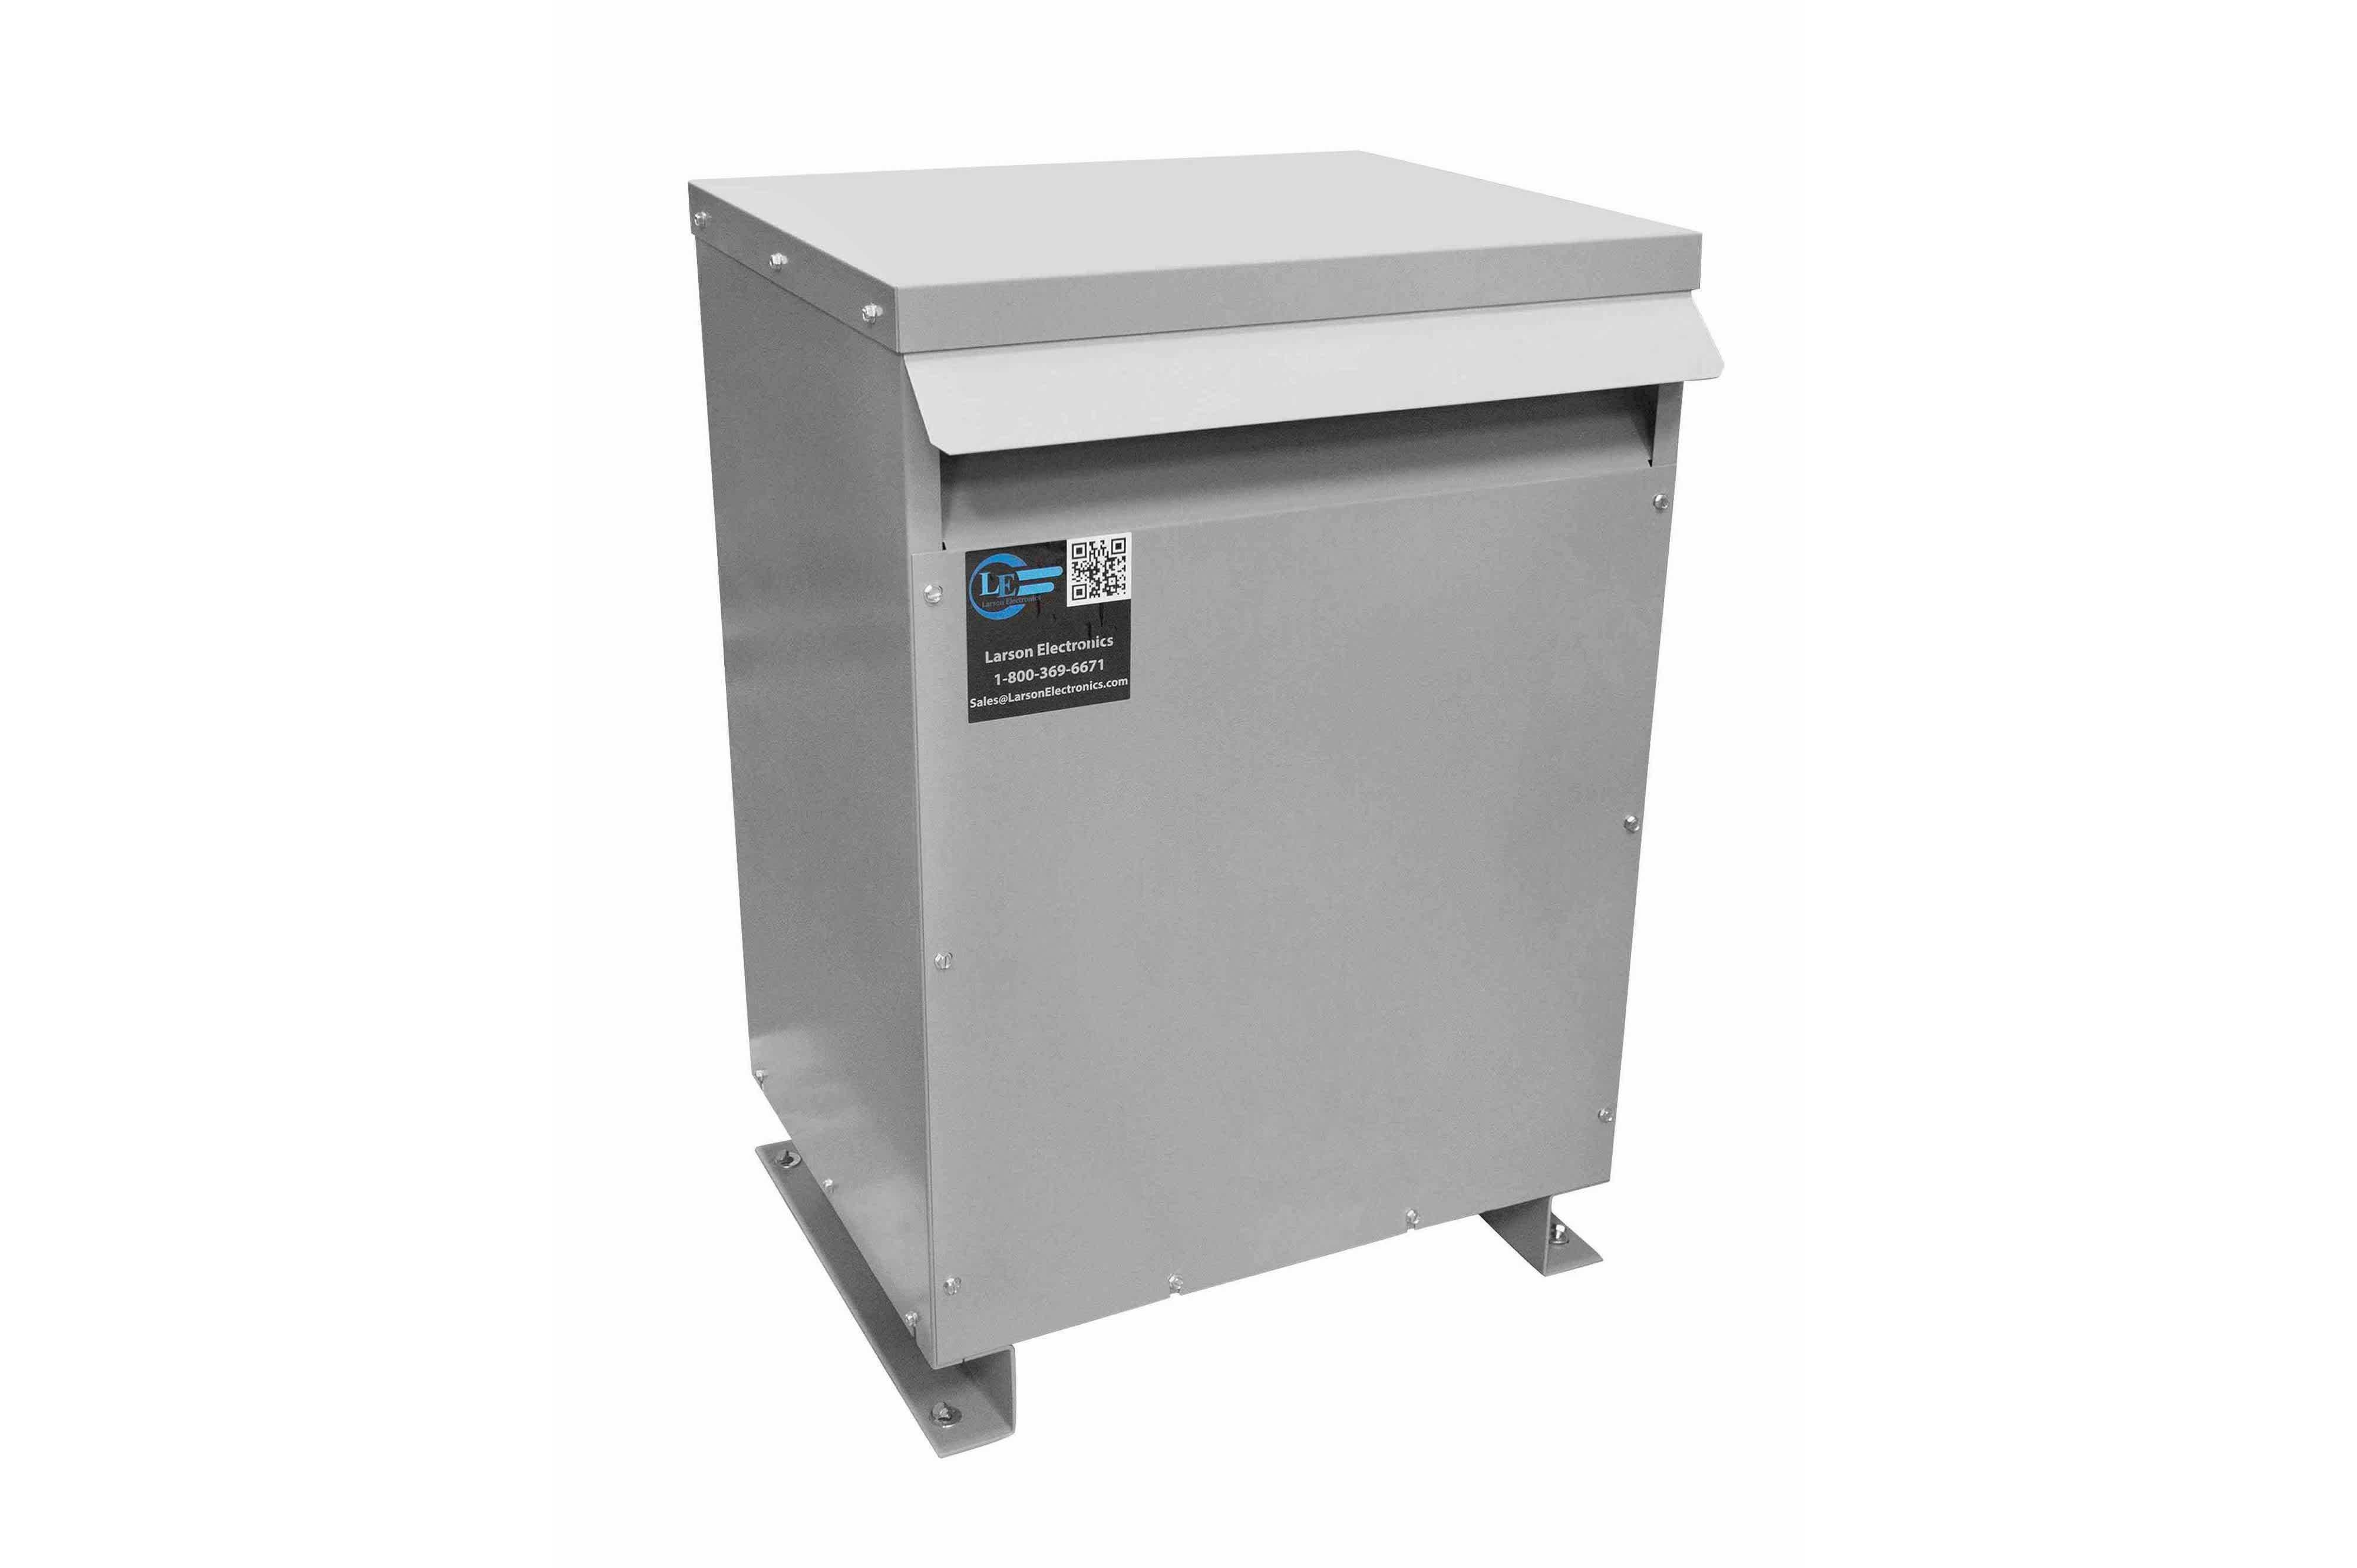 300 kVA 3PH Isolation Transformer, 575V Delta Primary, 415V Delta Secondary, N3R, Ventilated, 60 Hz